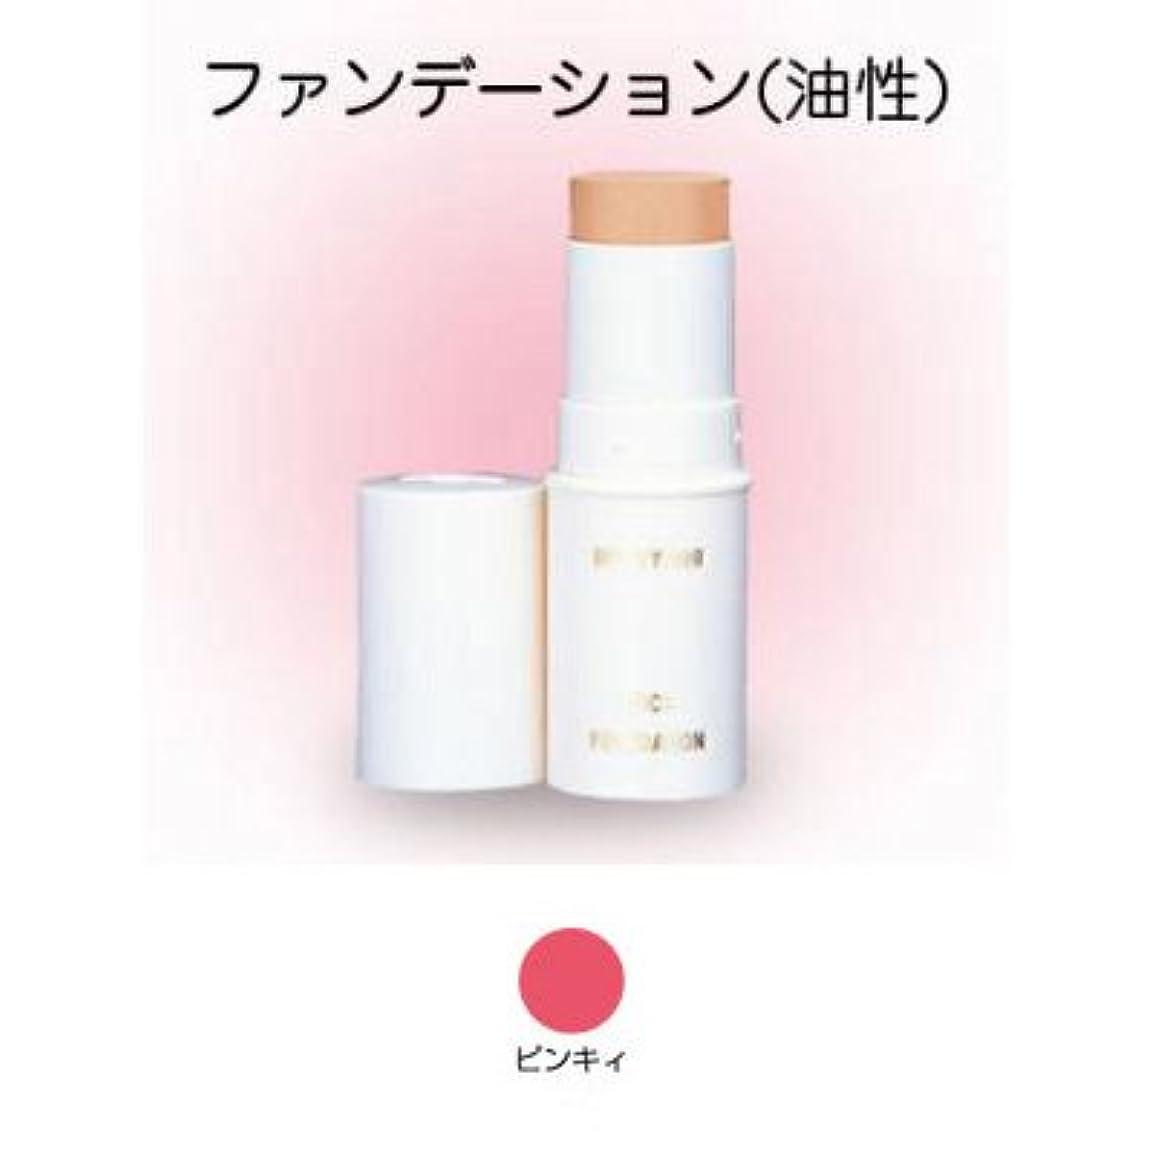 スティックファンデーション 16g ピンキィ 【三善】